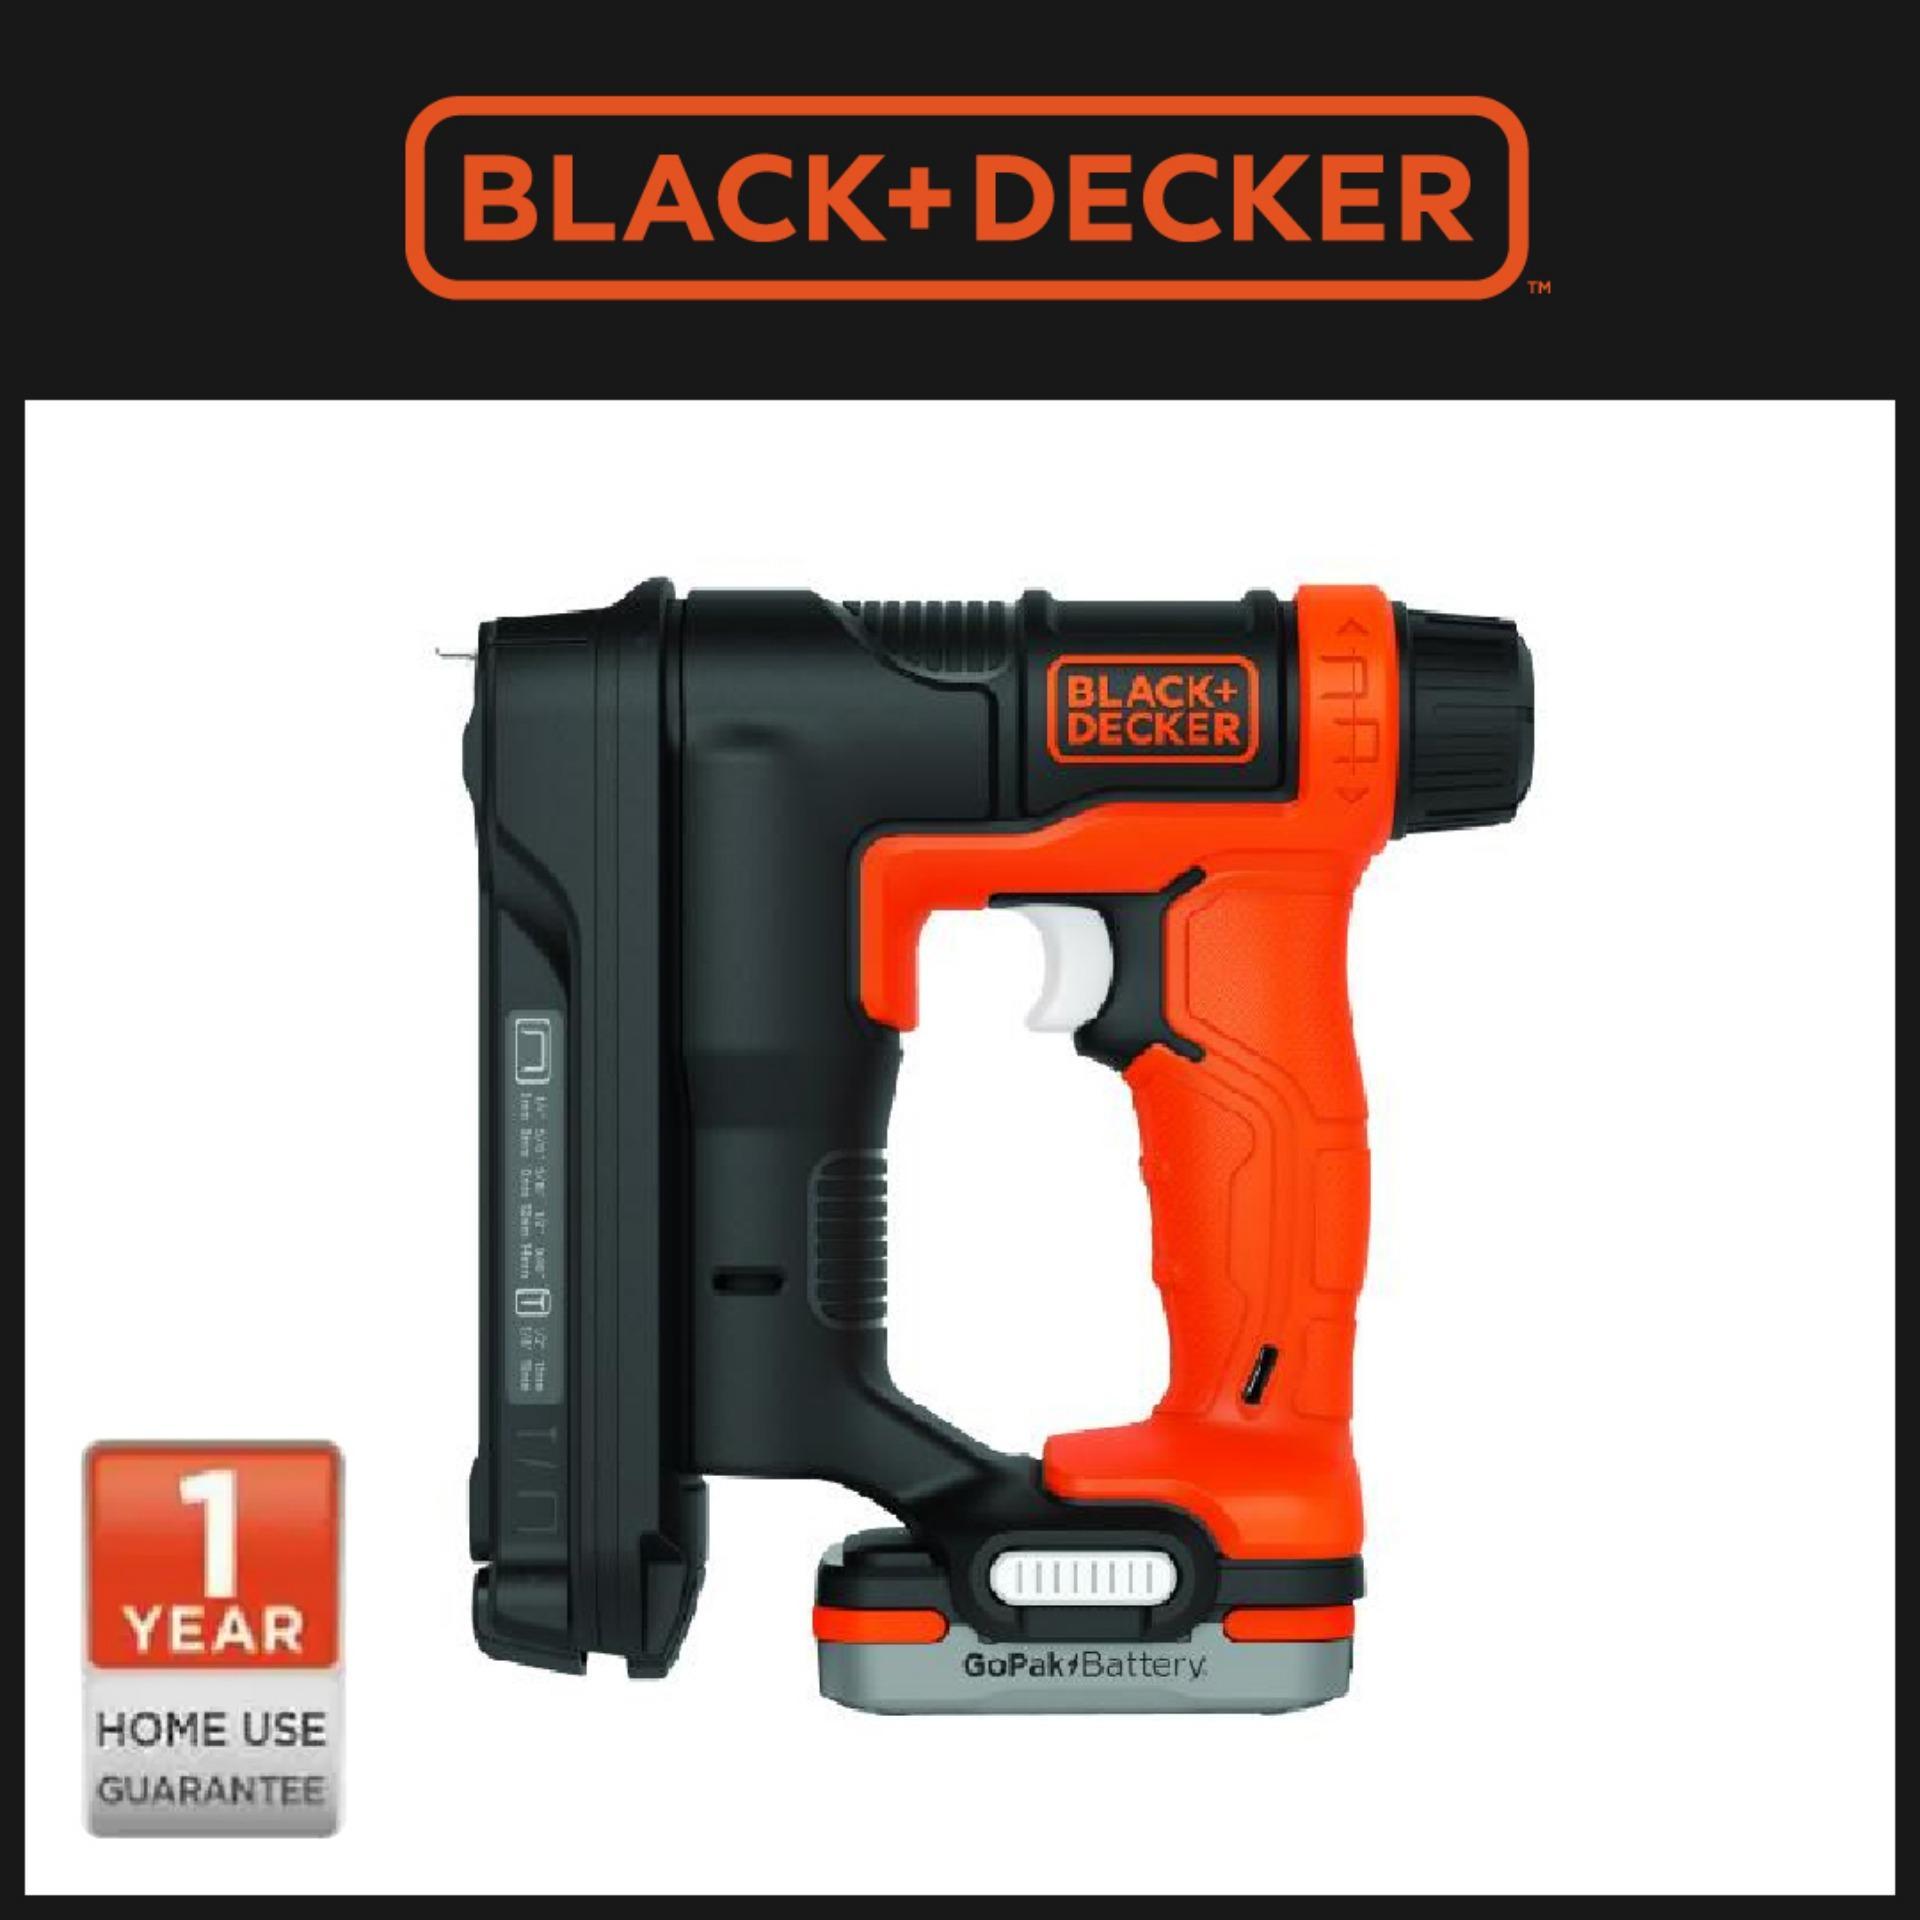 Black + Decker GoPak Stapler Bare Cordless 12V (BDCT12UB-B1)